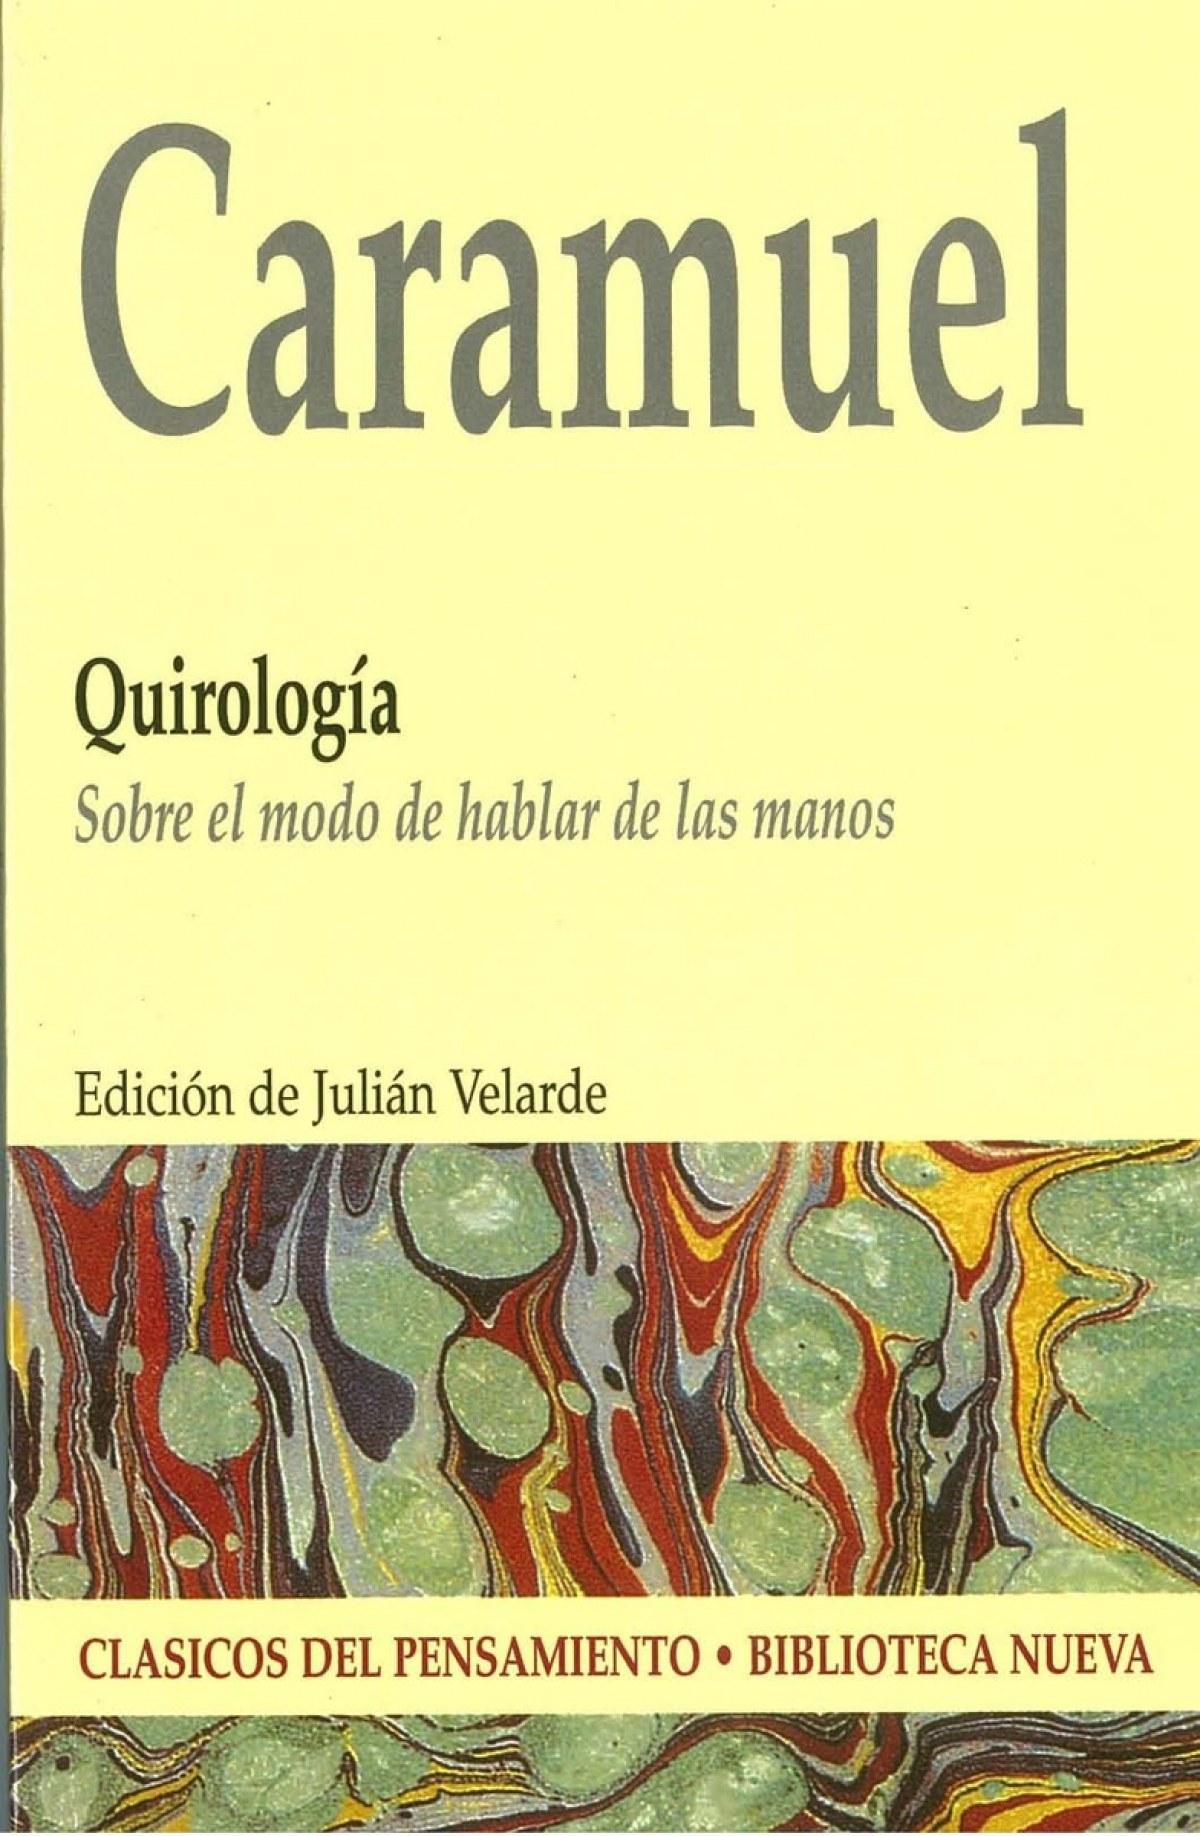 Quirologia - Caramuel De Lobkowitz, Juan